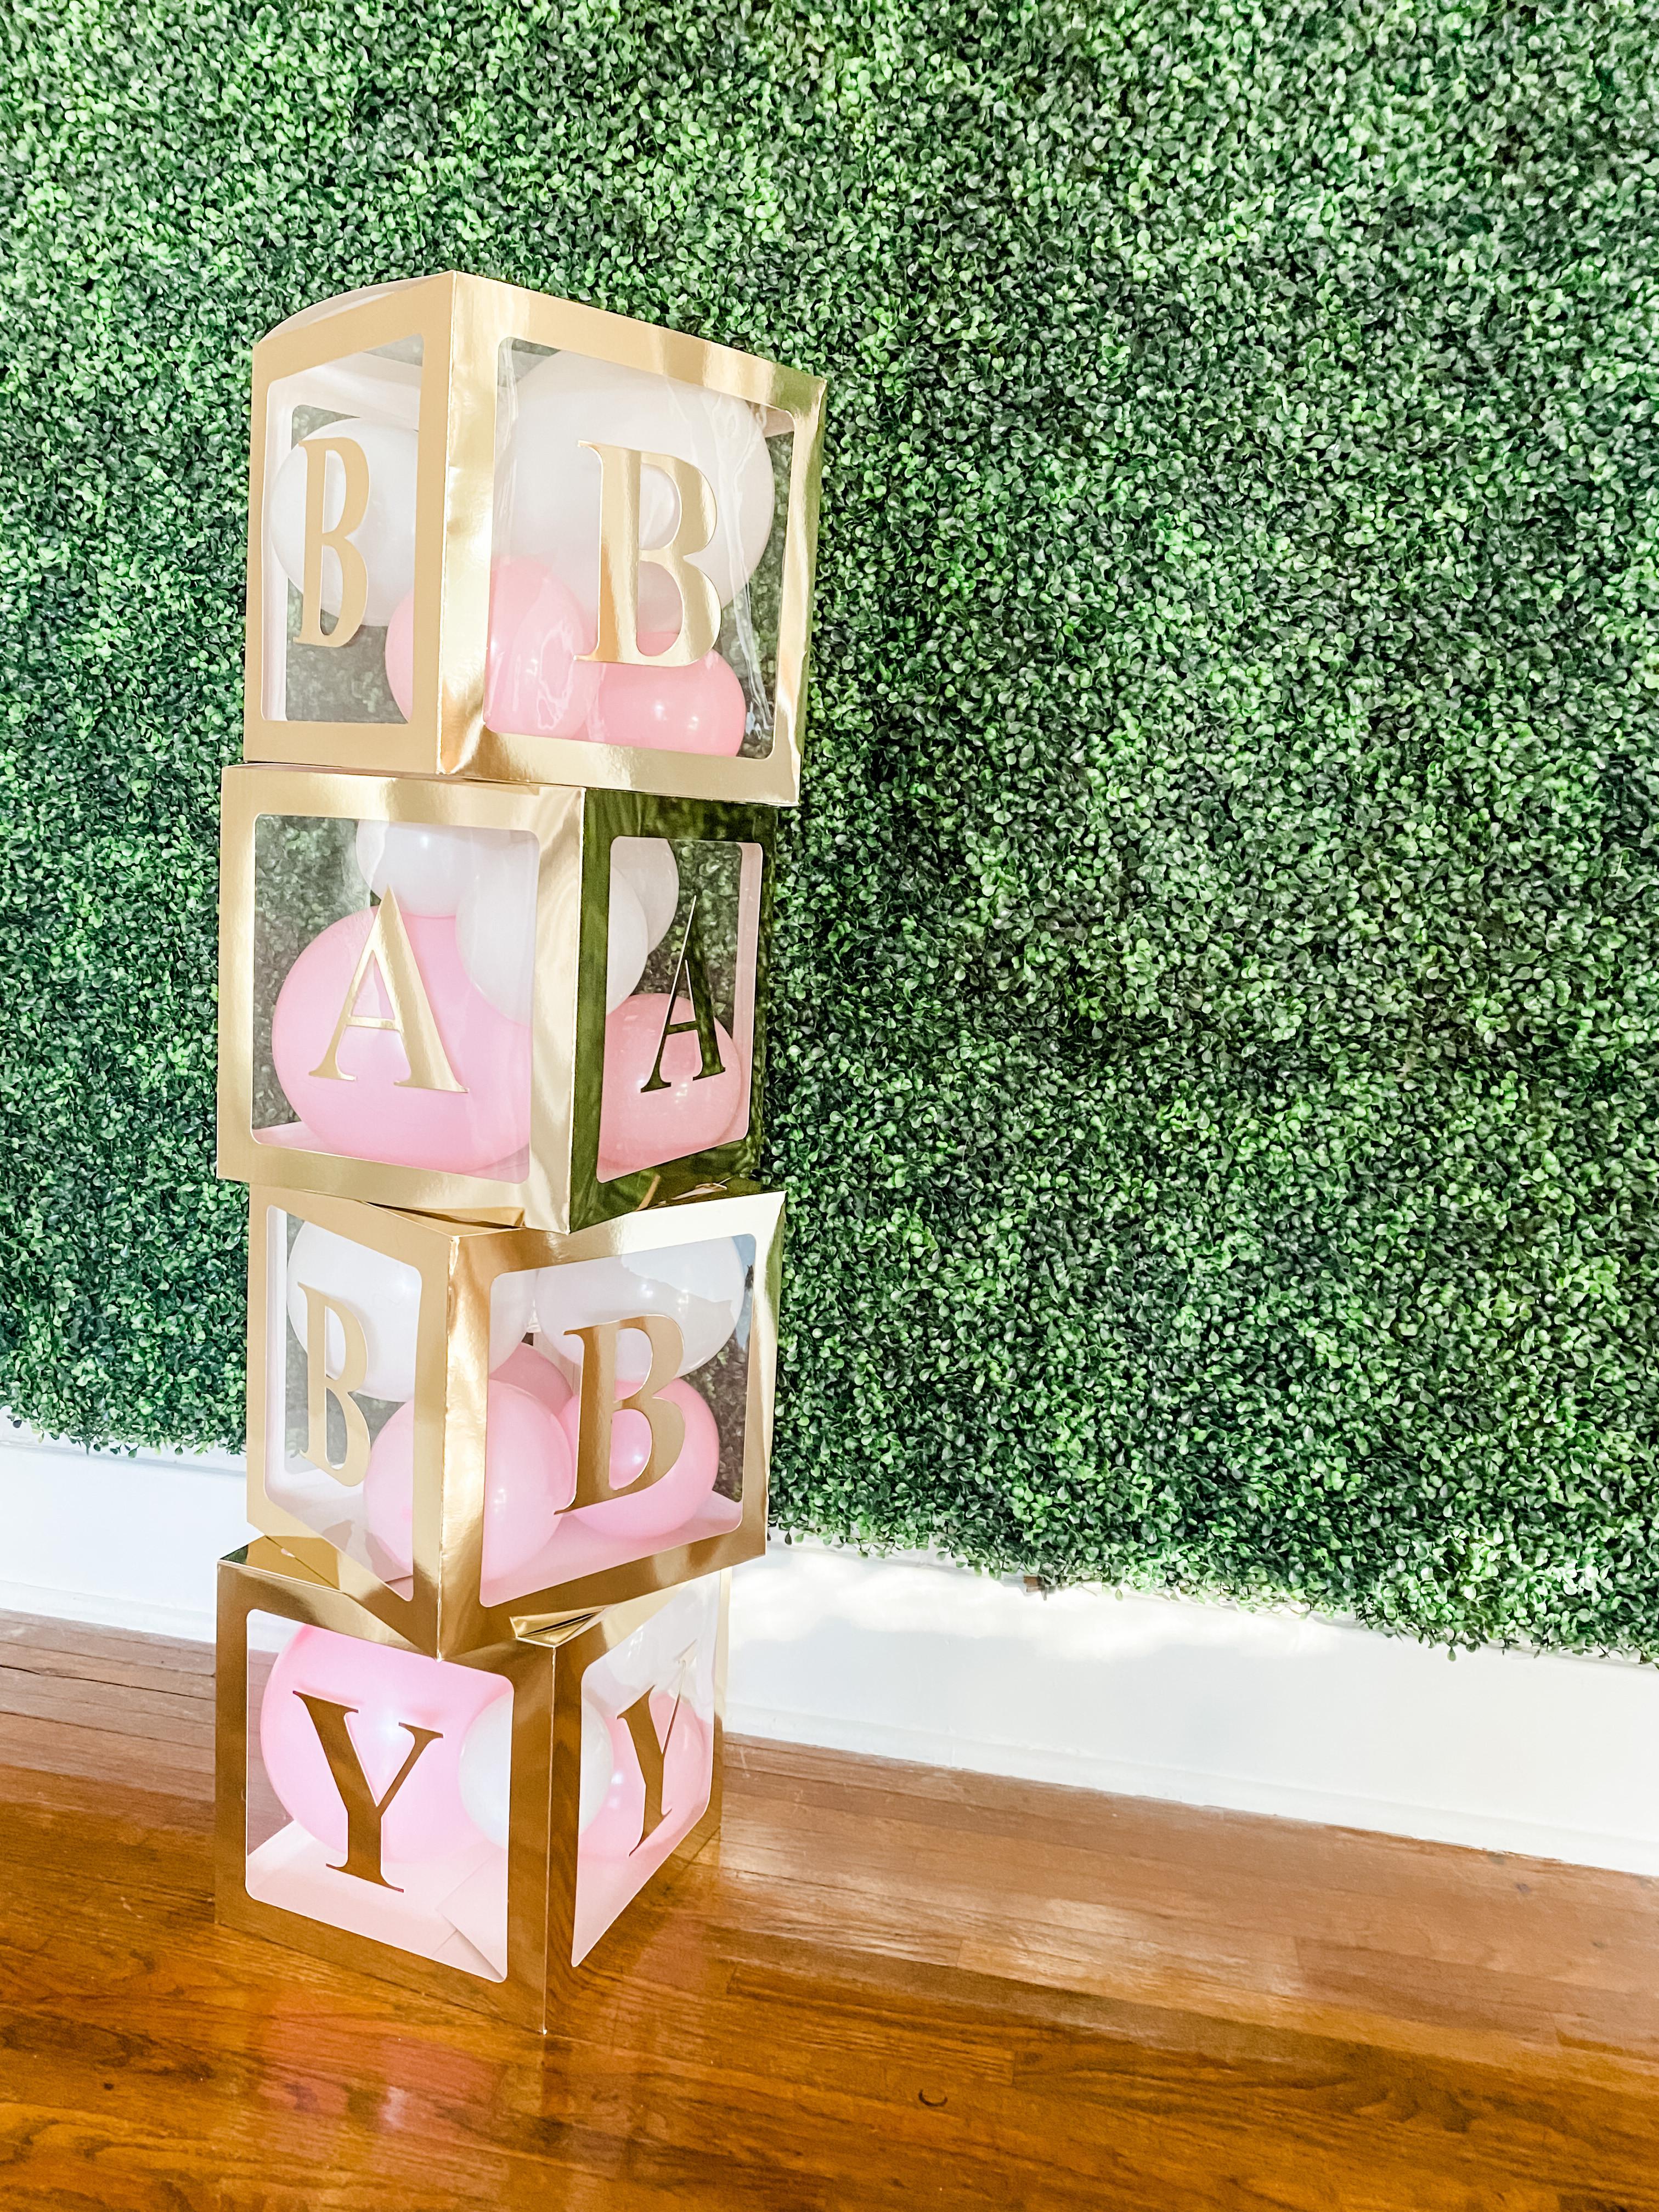 BABY Letter Blocks